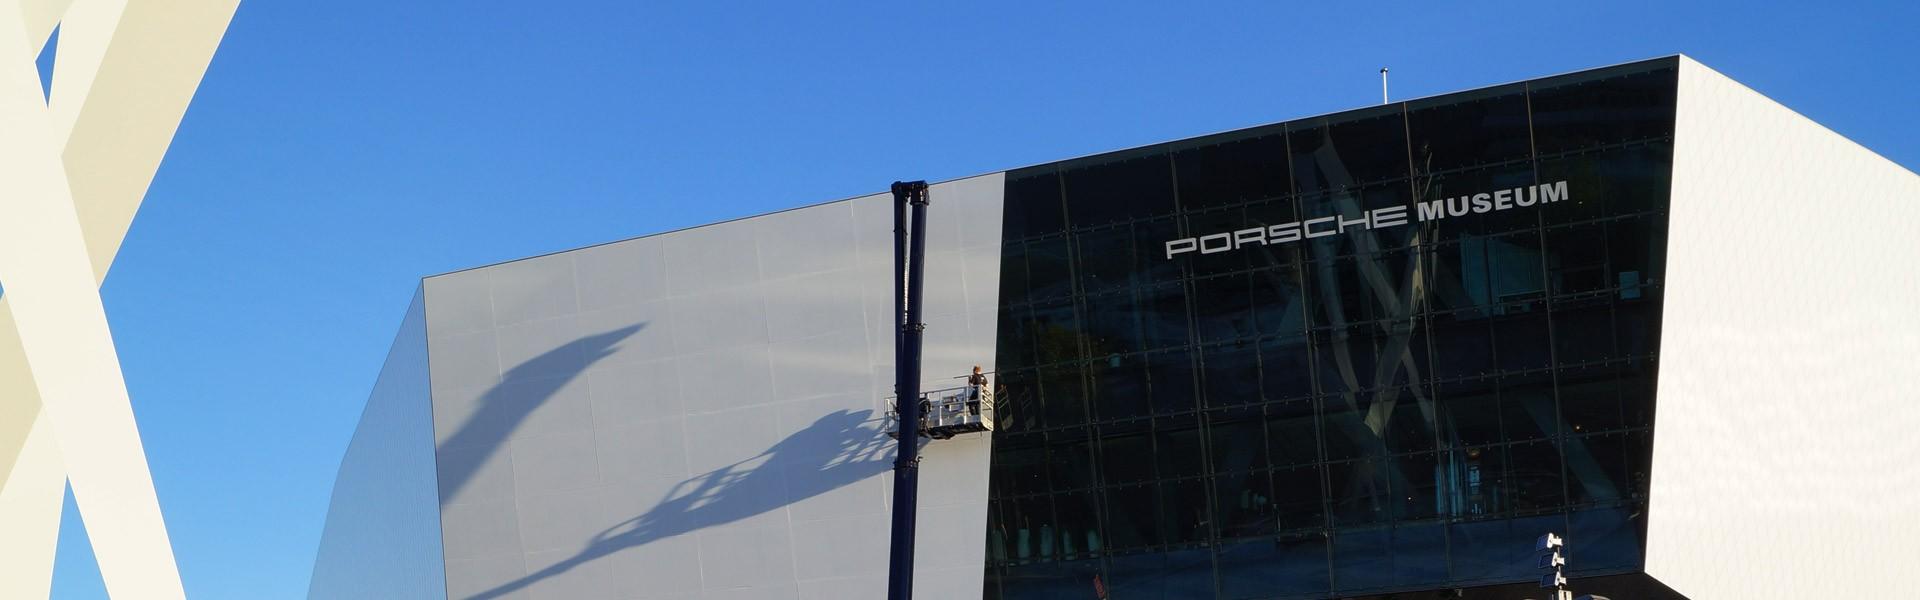 Fassadenbeklebung am Porschemuseum in Stuttgart